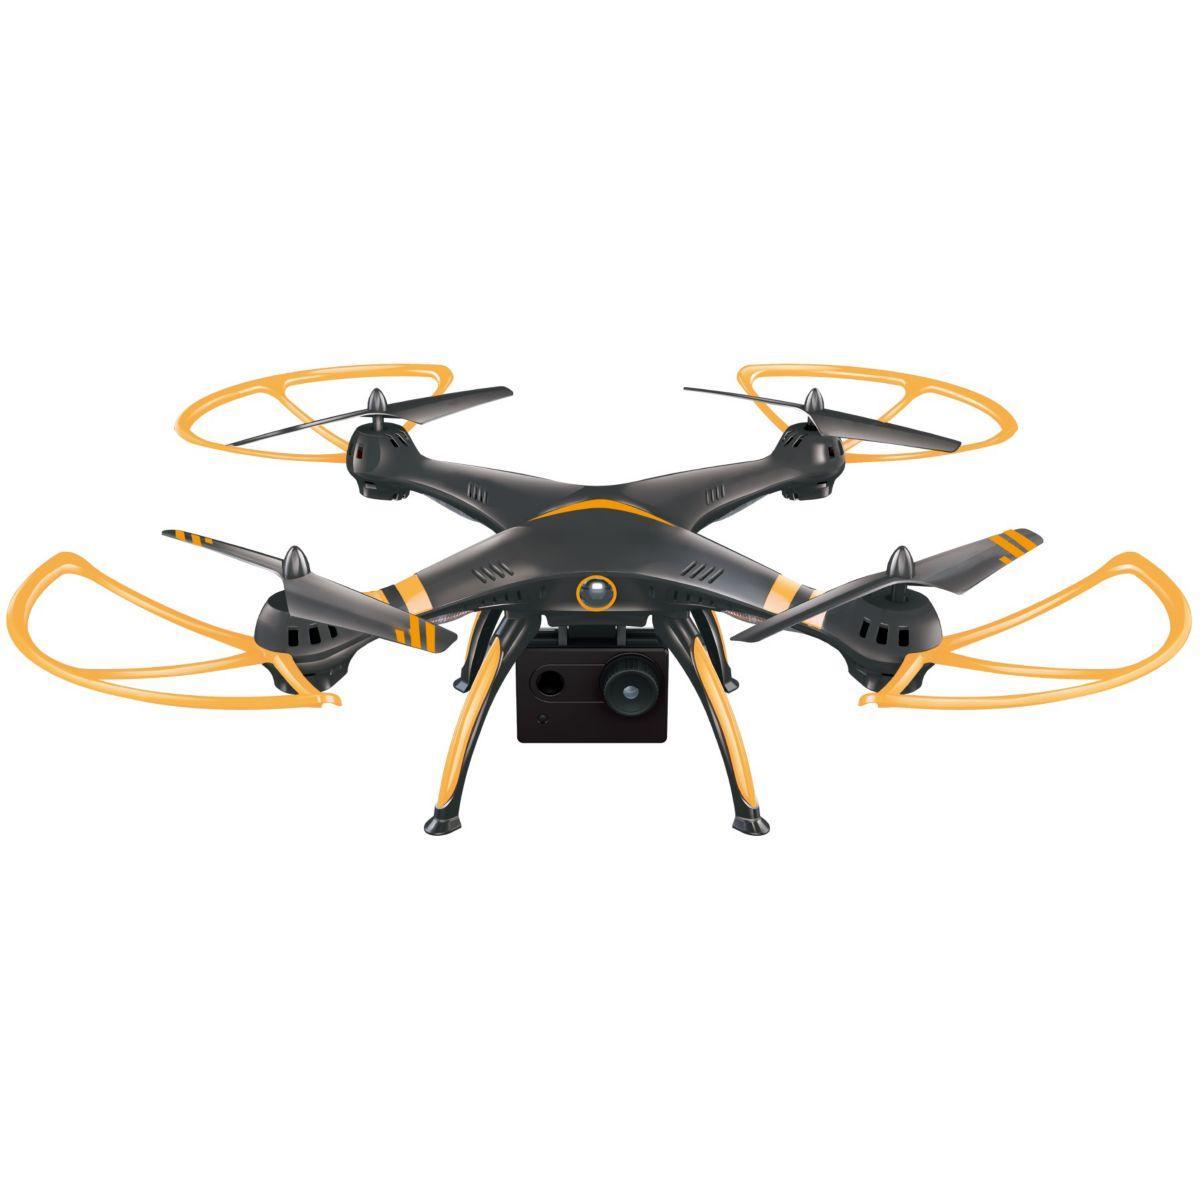 Drone pnj uranos - 20% de remise immédiate avec le code : fete20 (photo)